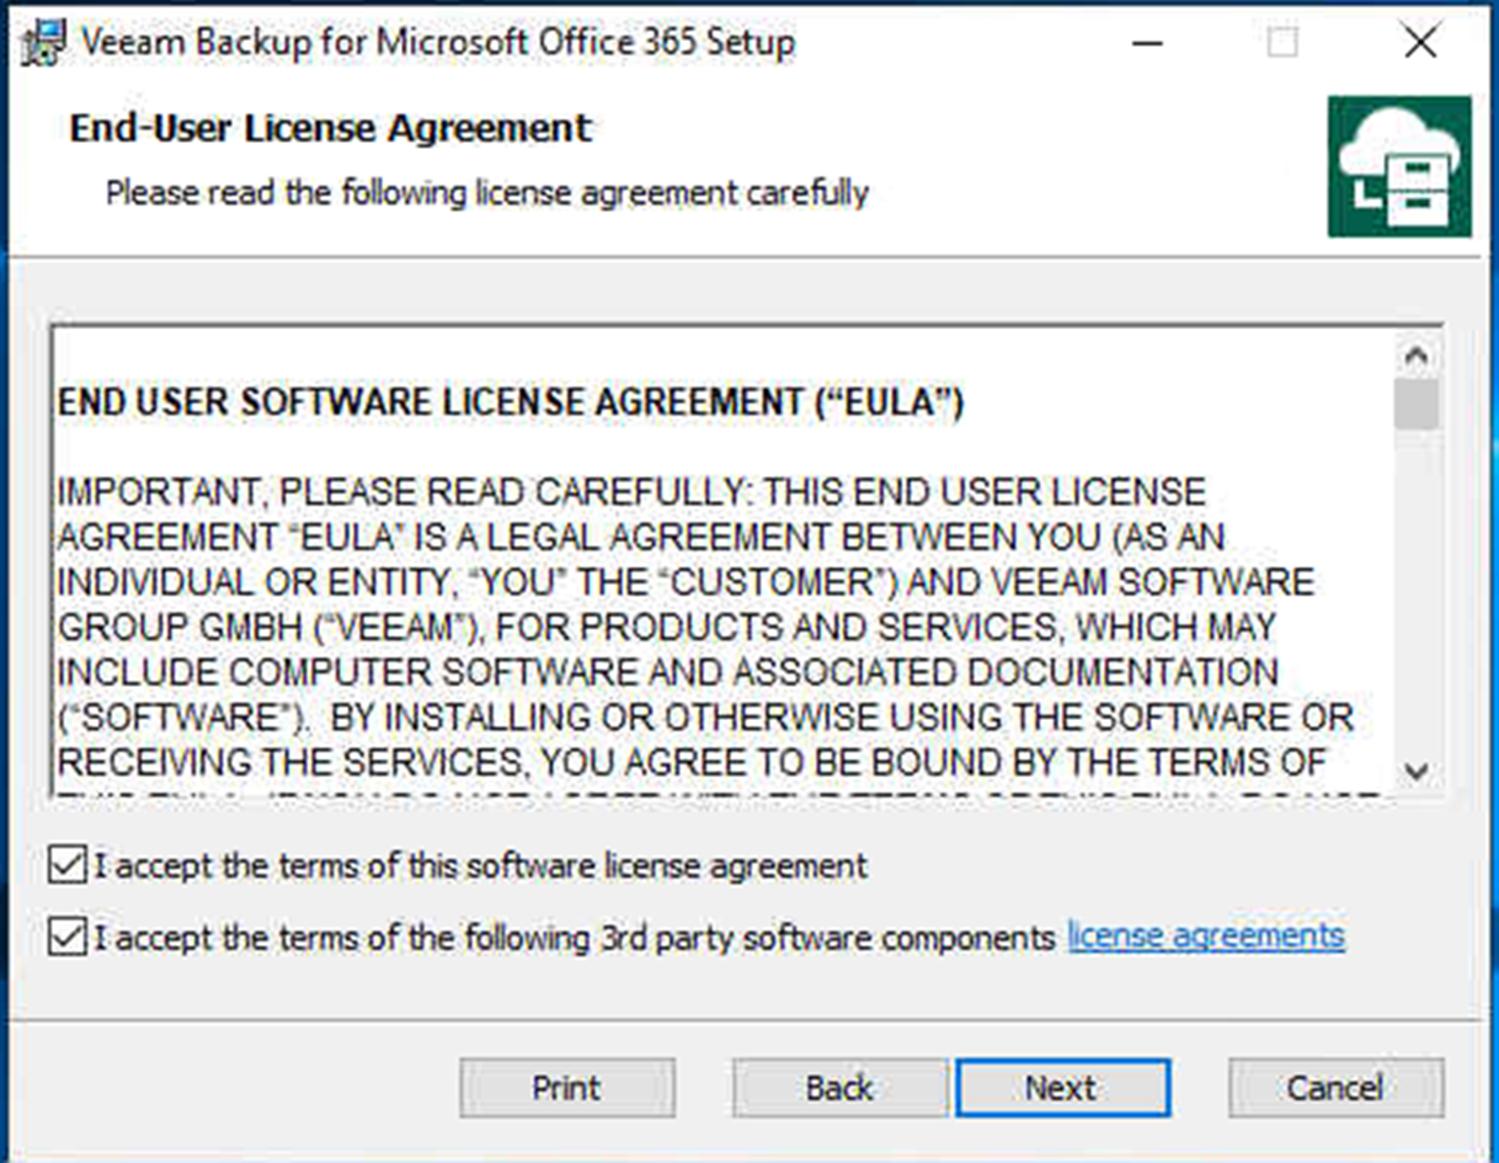 How to Install Veeam Backup for Microsoft Office 365 V3